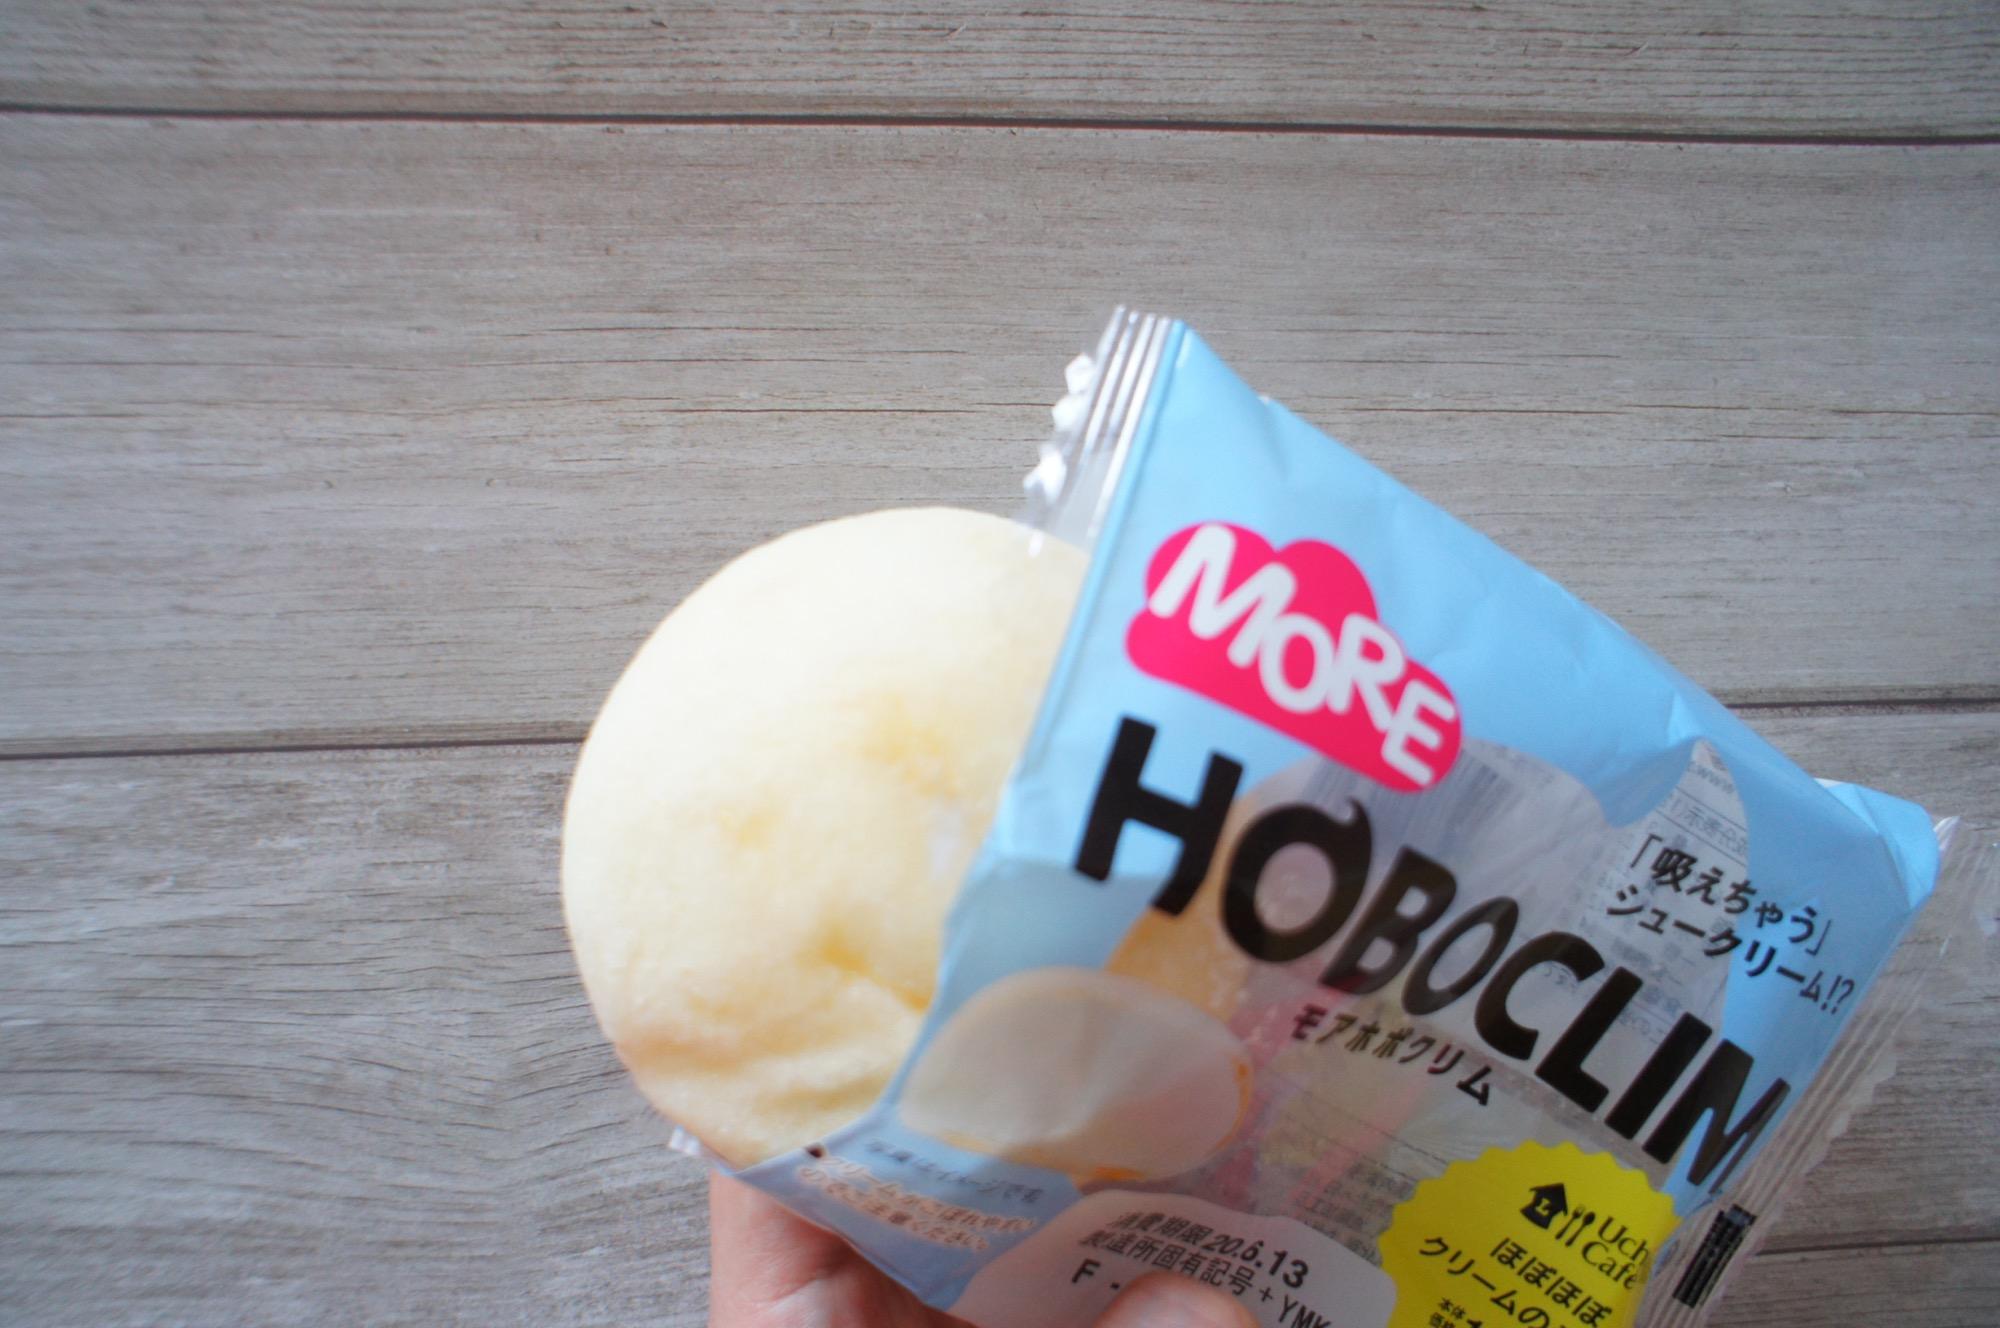 《大人気スイーツ❤️》ホボクリムがパワーアップ!【ローソン】モアホボクリムを食べてみました☻_2